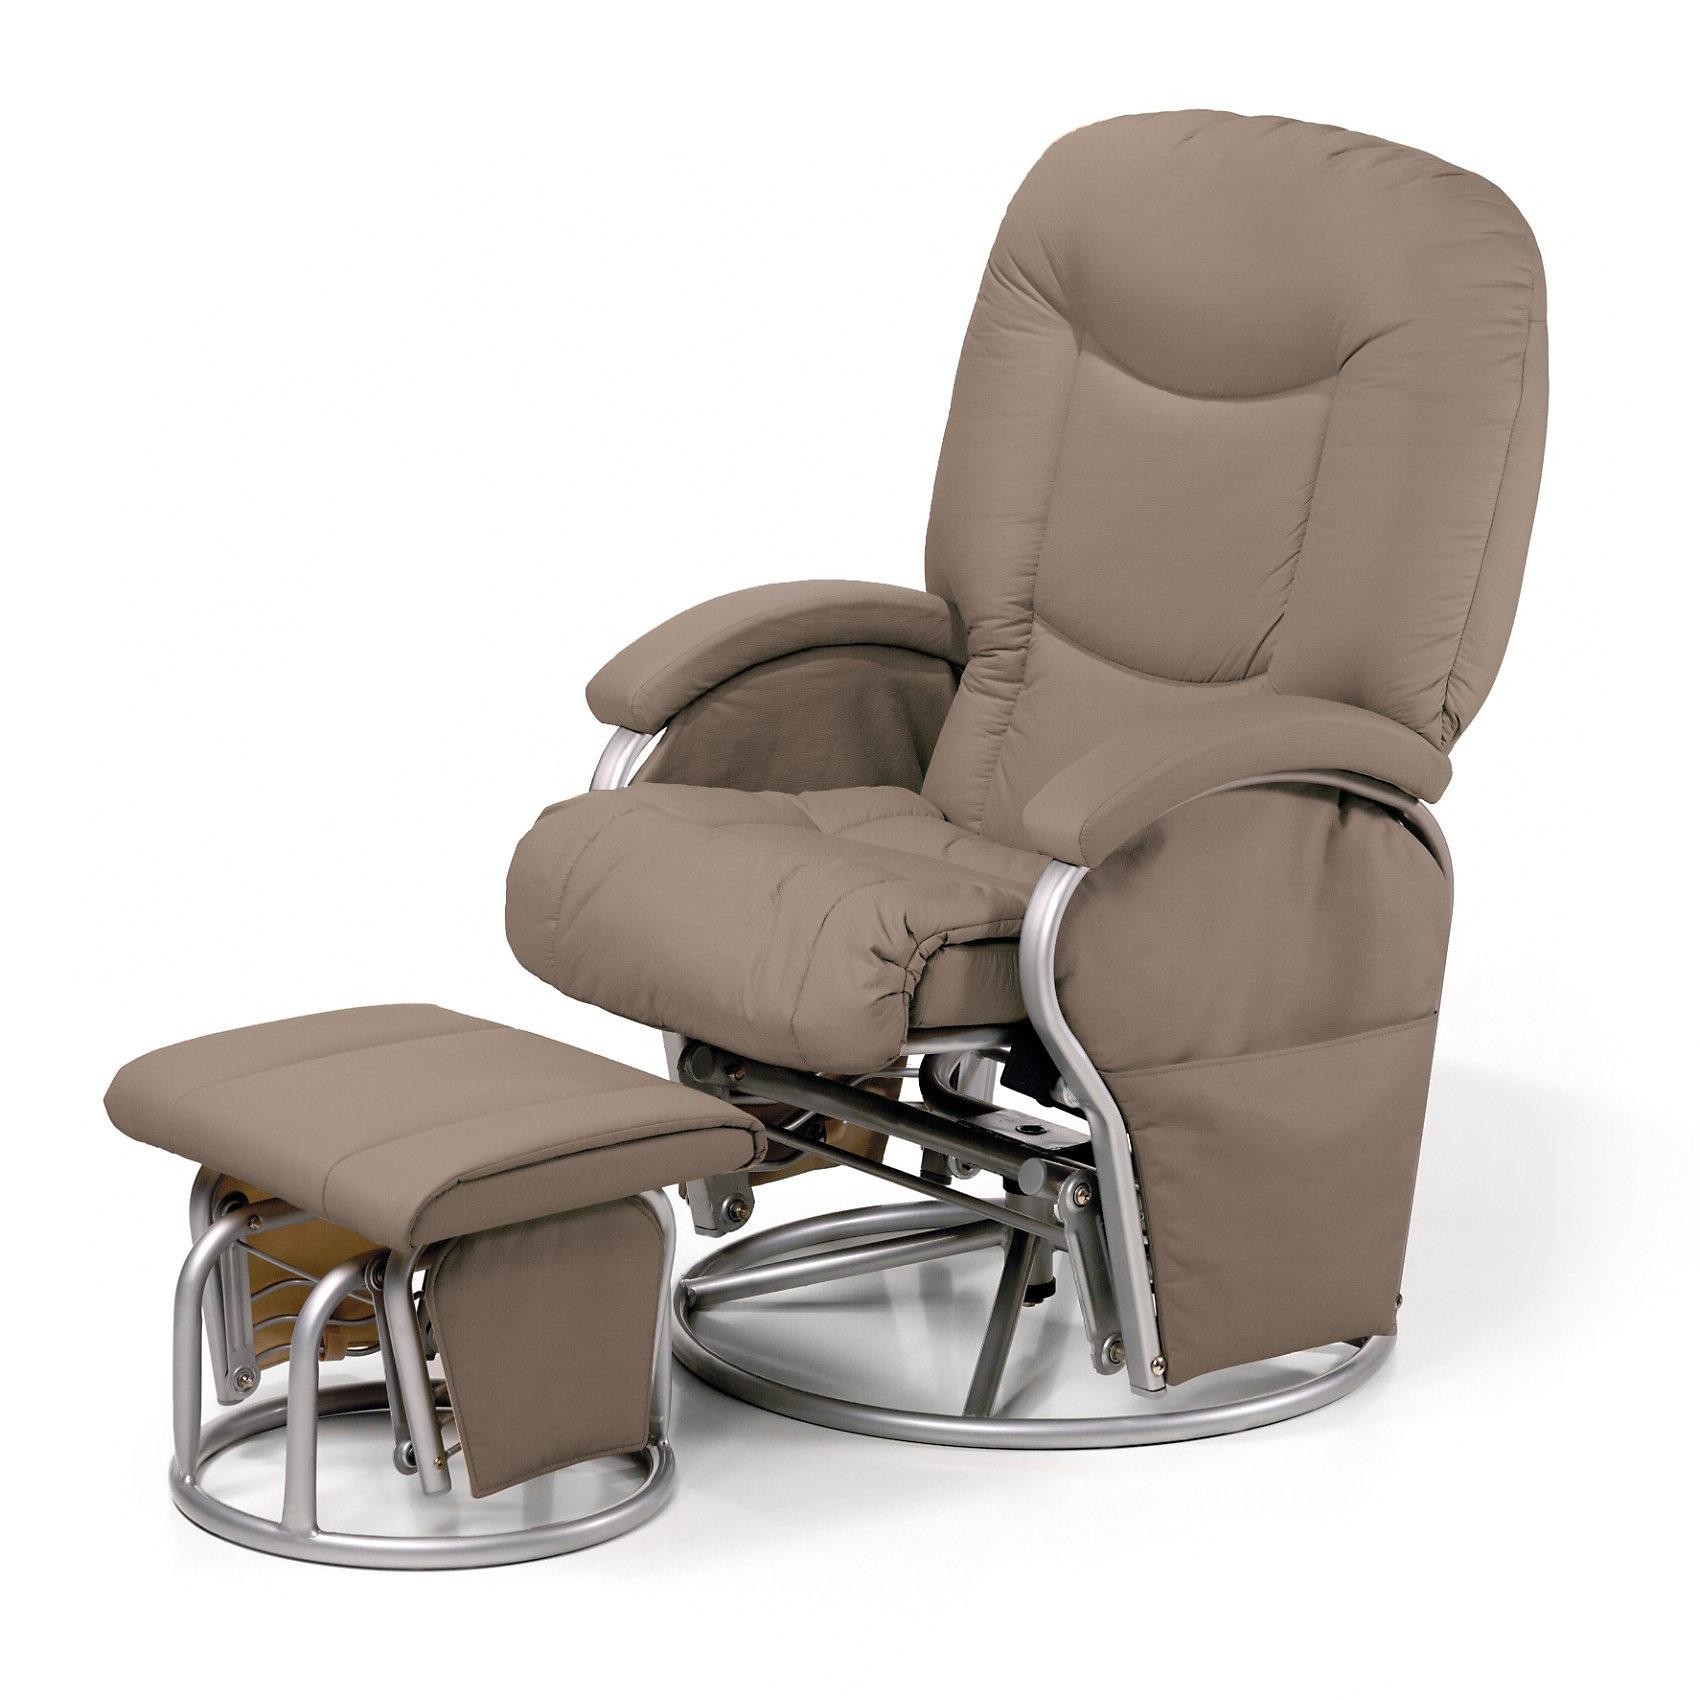 Кресло-качалка для мамы Metal Glider, Hauck, cremeХарактеристики: <br><br>• регулируемый угол наклона спинки, 91-120 градусов;<br>• вращающееся сидение, угол поворота 360 градусов;<br>• эргономичная форма сиденья;<br>• мягкие подлокотники;<br>• пуфик для ног, подвижный механизм;<br>• регулируется расстояние от кресла до пуфика;<br>• материал: эко-кожа, металл.<br><br>Размеры:<br><br>• допустимая нагрузка: 120 кг;<br>• размер кресла: 93х72х102 см;<br>• ширина сиденья: 72 см;<br>• высота спинки: 50 см;<br>• вес кресла: 17,5 кг;<br>• вес стульчика: 4,5 кг;<br>• размер стульчика: 44х48х35 см;<br>• вес в упаковке: 22 кг.<br><br>Комплектация:<br><br>• кресло-качалка;<br>• пуфик-качалка;<br>• инструкция.<br><br>Кресло-качалку для мамы Metal Glider, Hauck, creme можно купить в нашем интернет-магазине.<br><br>Ширина мм: 920<br>Глубина мм: 570<br>Высота мм: 440<br>Вес г: 25500<br>Цвет: бежевый<br>Возраст от месяцев: 0<br>Возраст до месяцев: 24<br>Пол: Унисекс<br>Возраст: Детский<br>SKU: 1865146